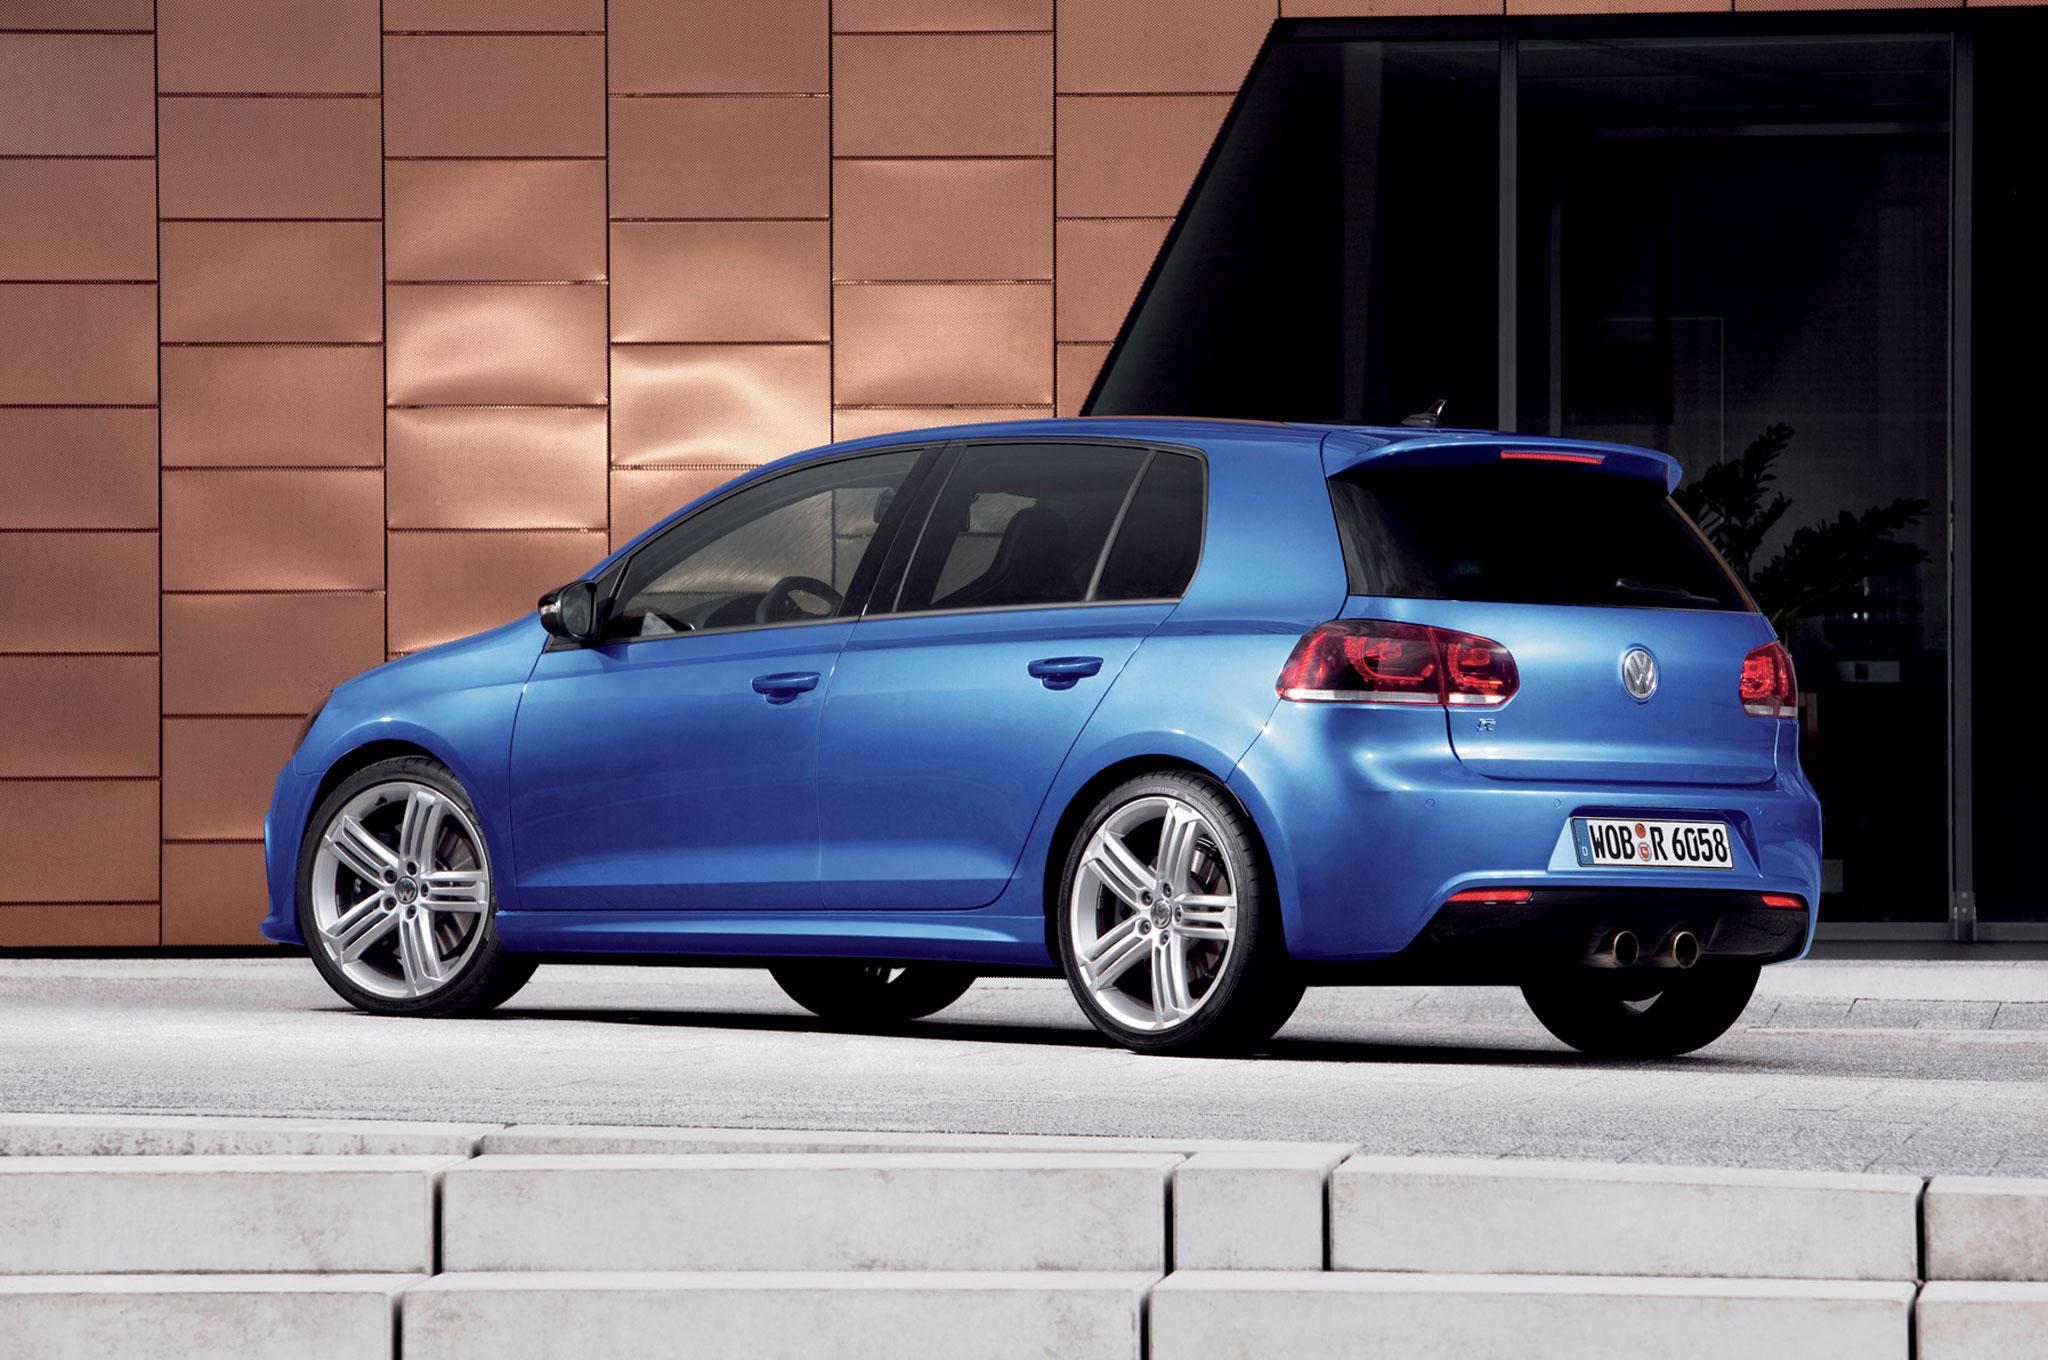 Feature Flick More 2014 Volkswagen Golf Secrets Leak Out R Fuse Diagram 2013 50 186